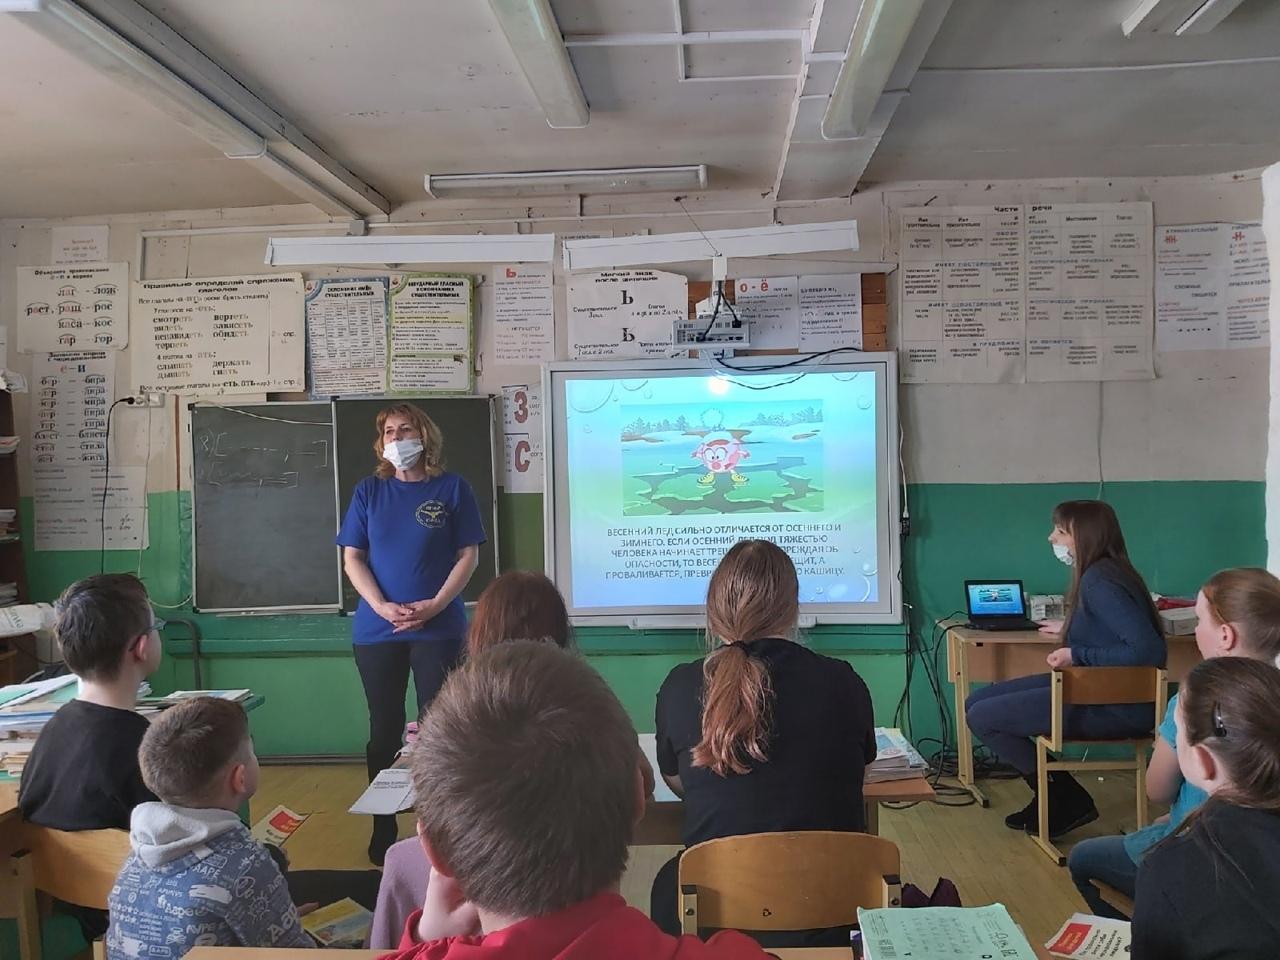 Дети из Телятниковской общеобразовательной школы теперь знают, что если они потеряются, их обязательно будут искать